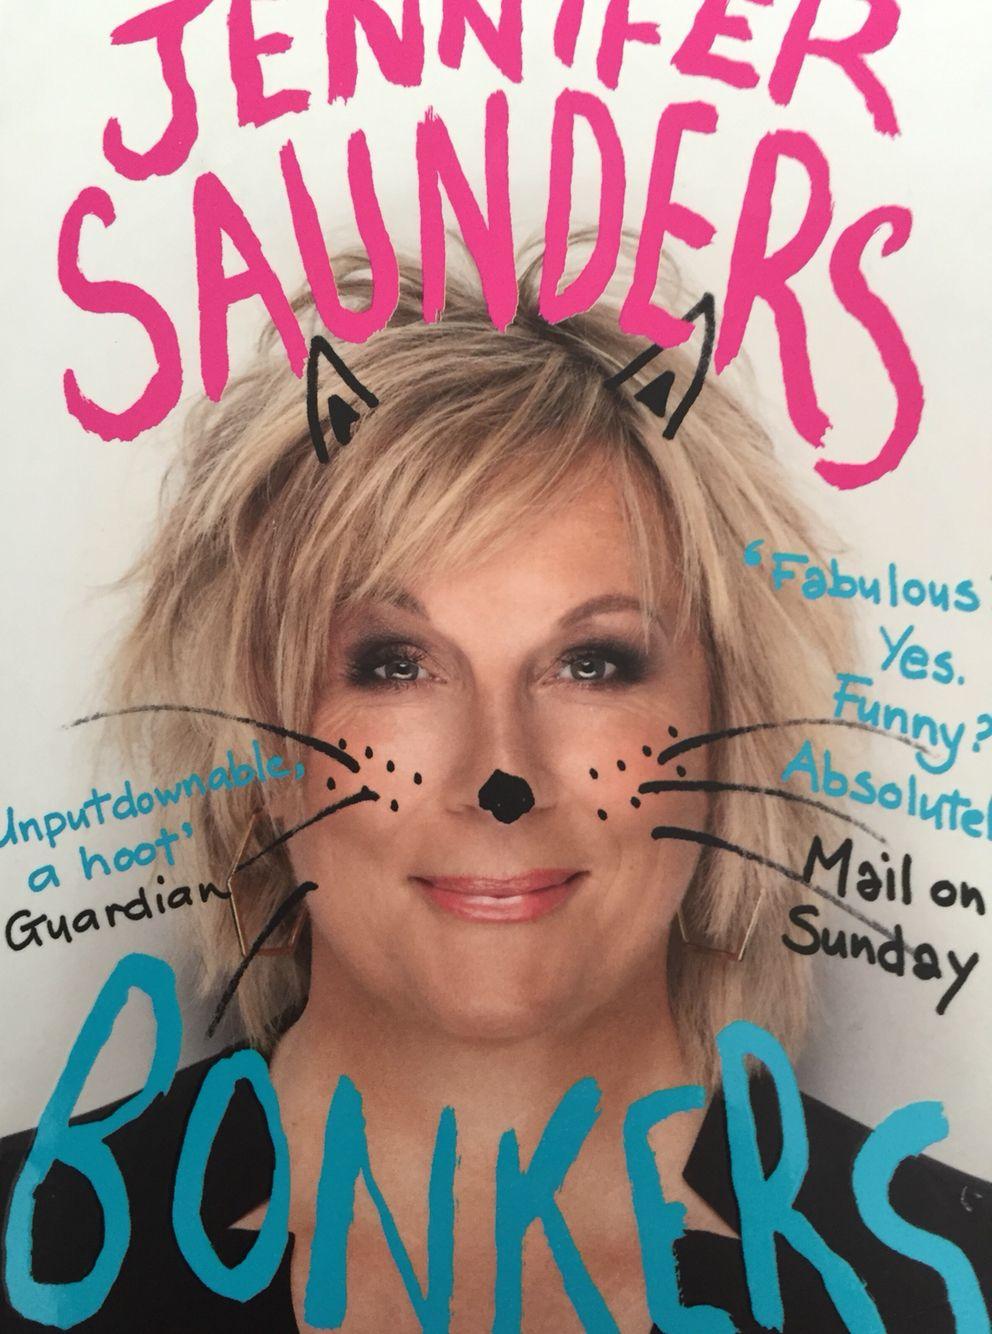 Jennifer saunders bio